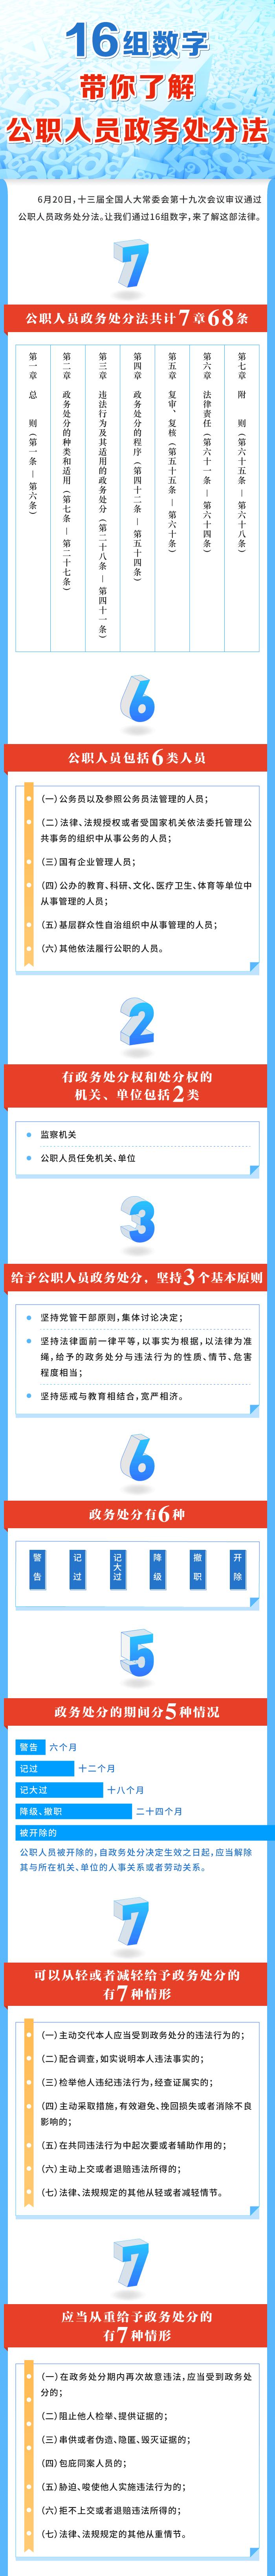 「天富官网」16组数字天富官网带你了解公职人员政务图片